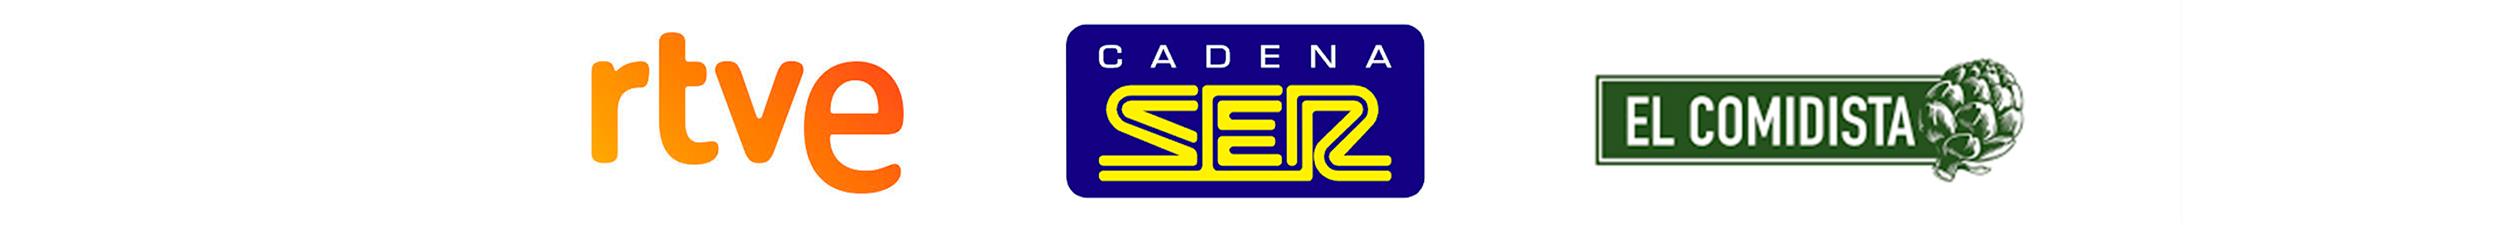 logos-medios